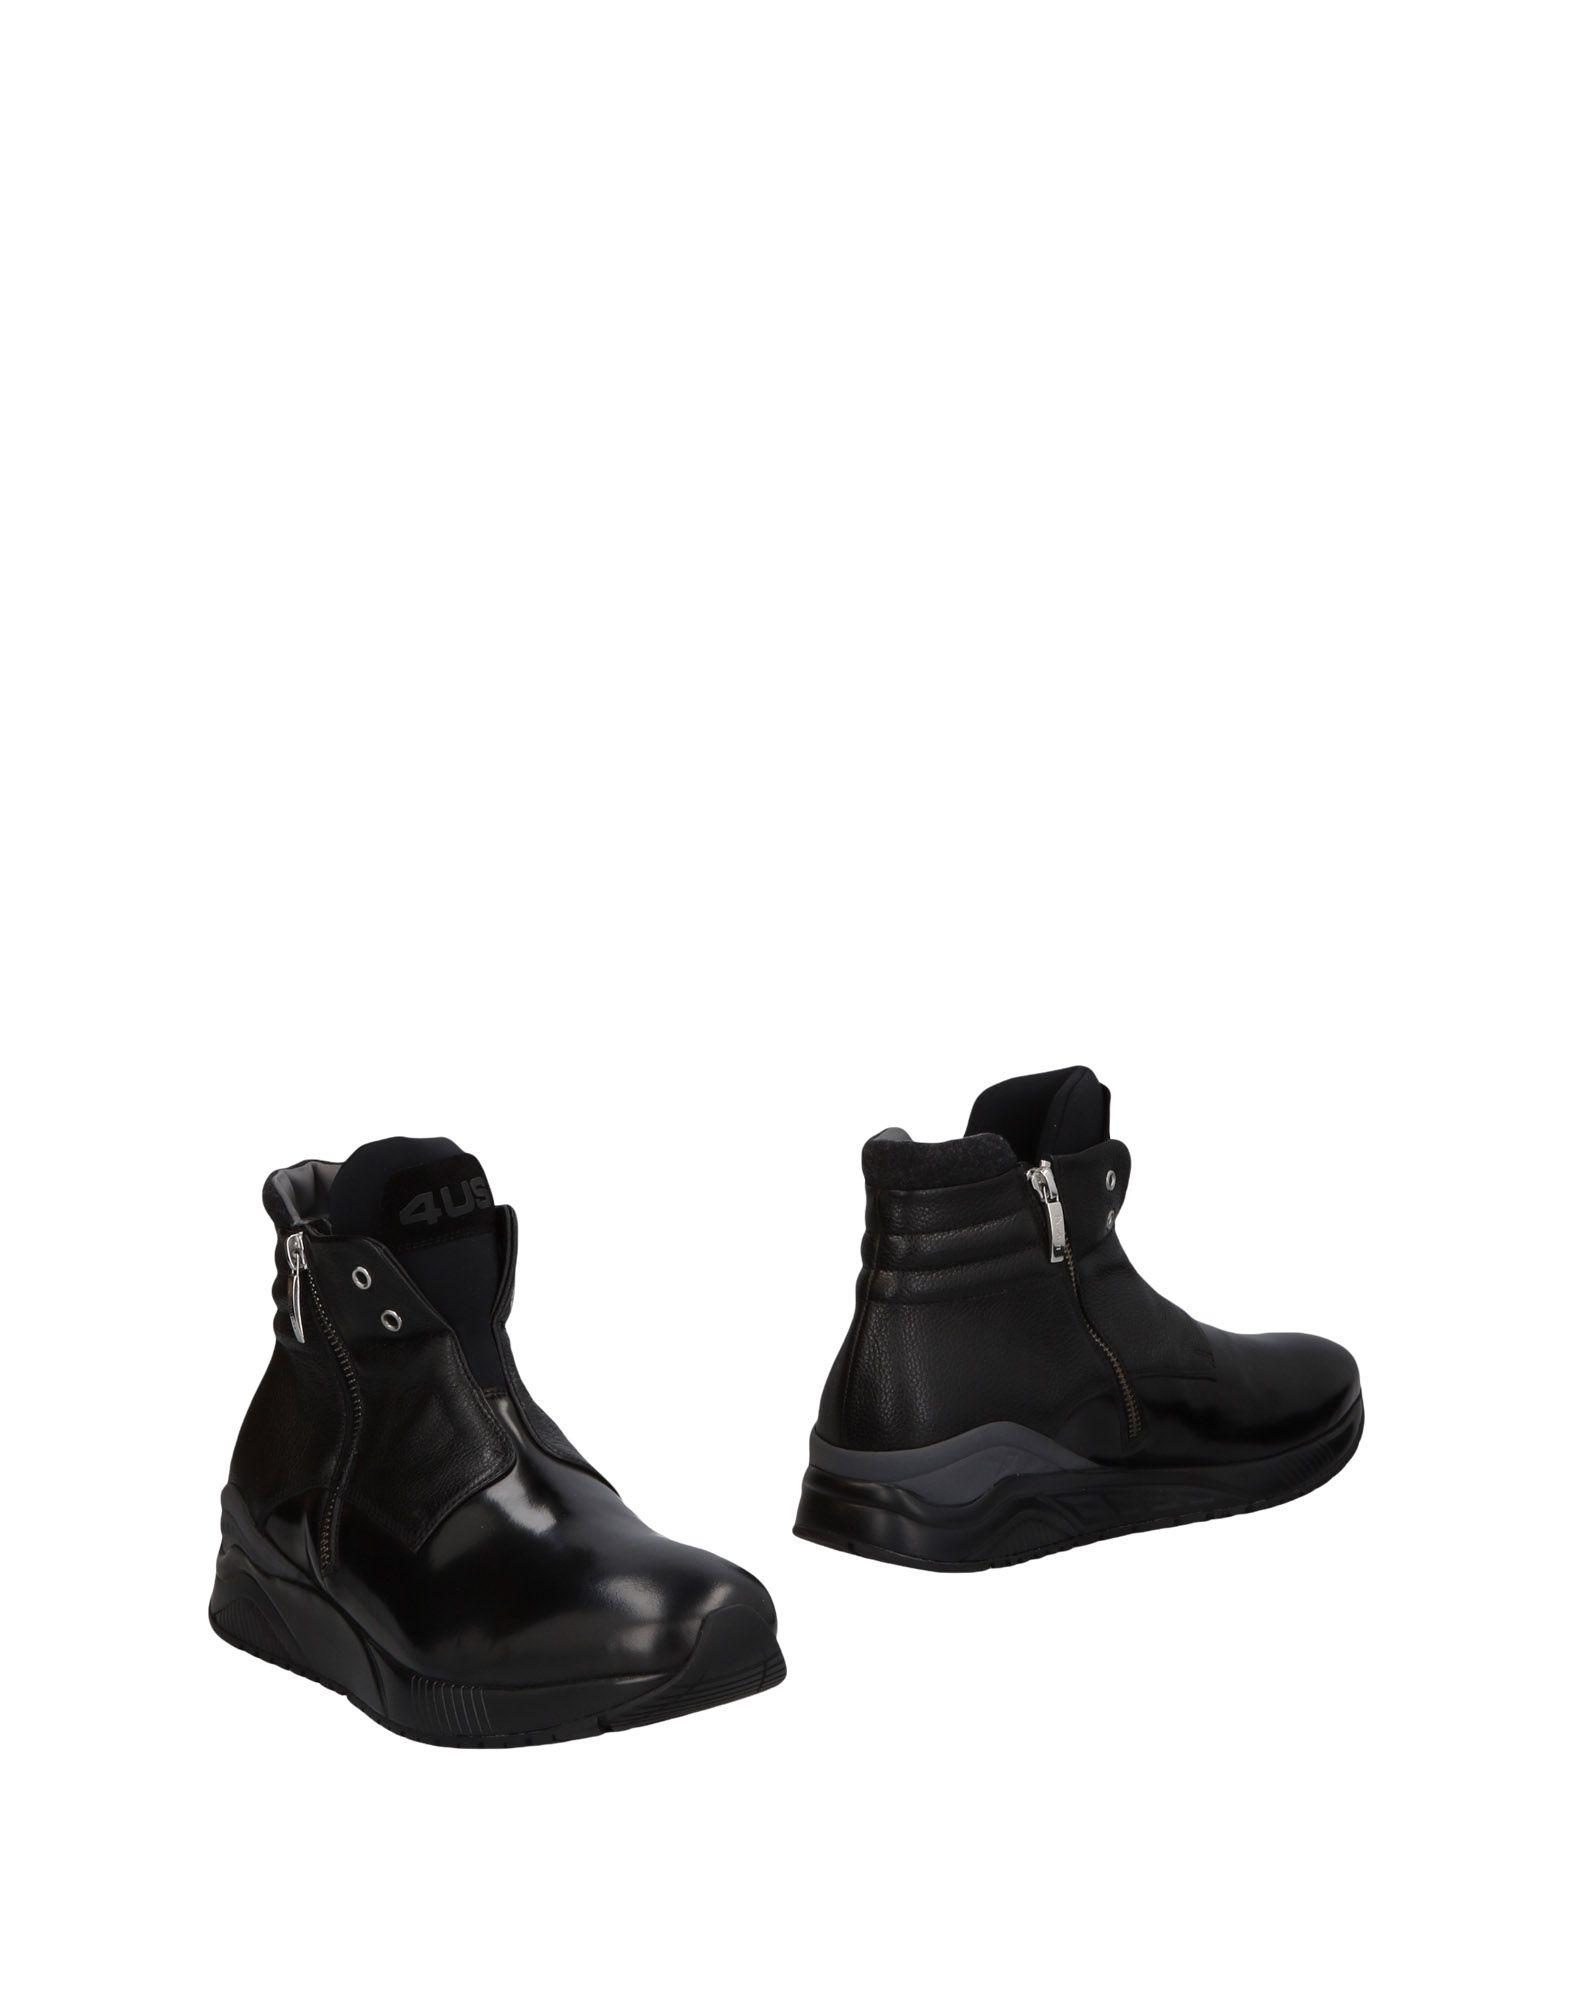 Cesare Paciotti 4Us Stiefelette Herren  11475369DP Gute Qualität beliebte Schuhe